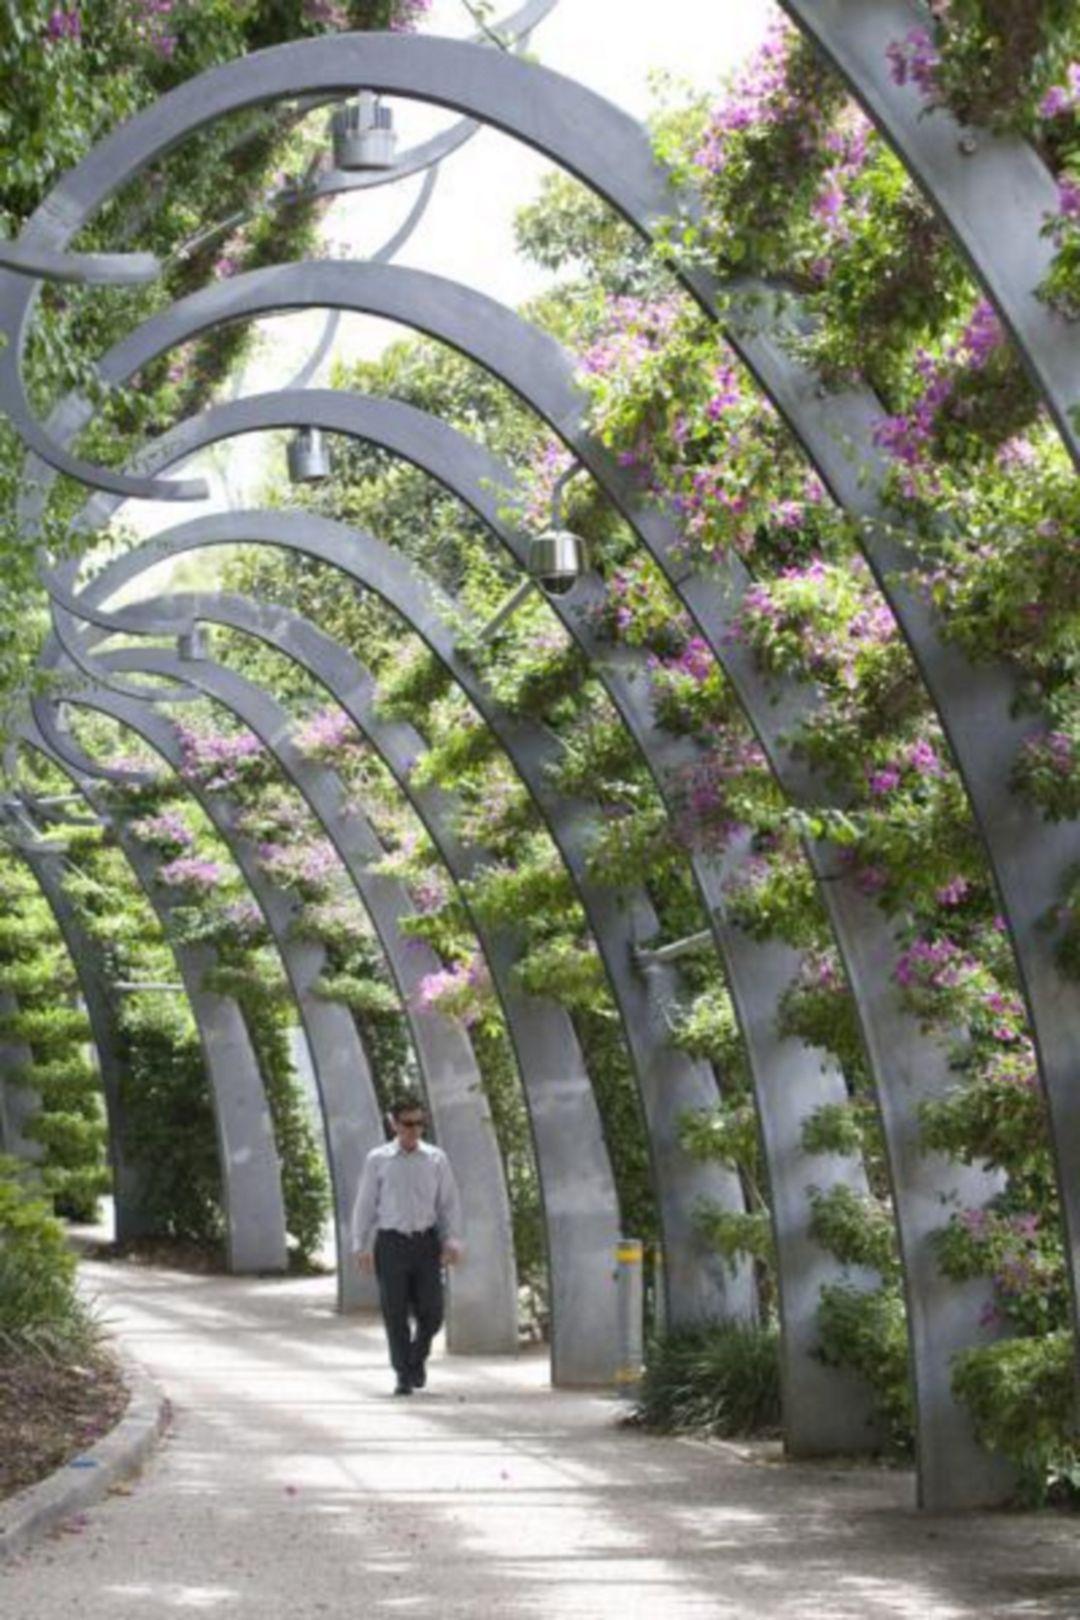 Architetto Di Giardini 30 most amazing landscape design ideas you have to see